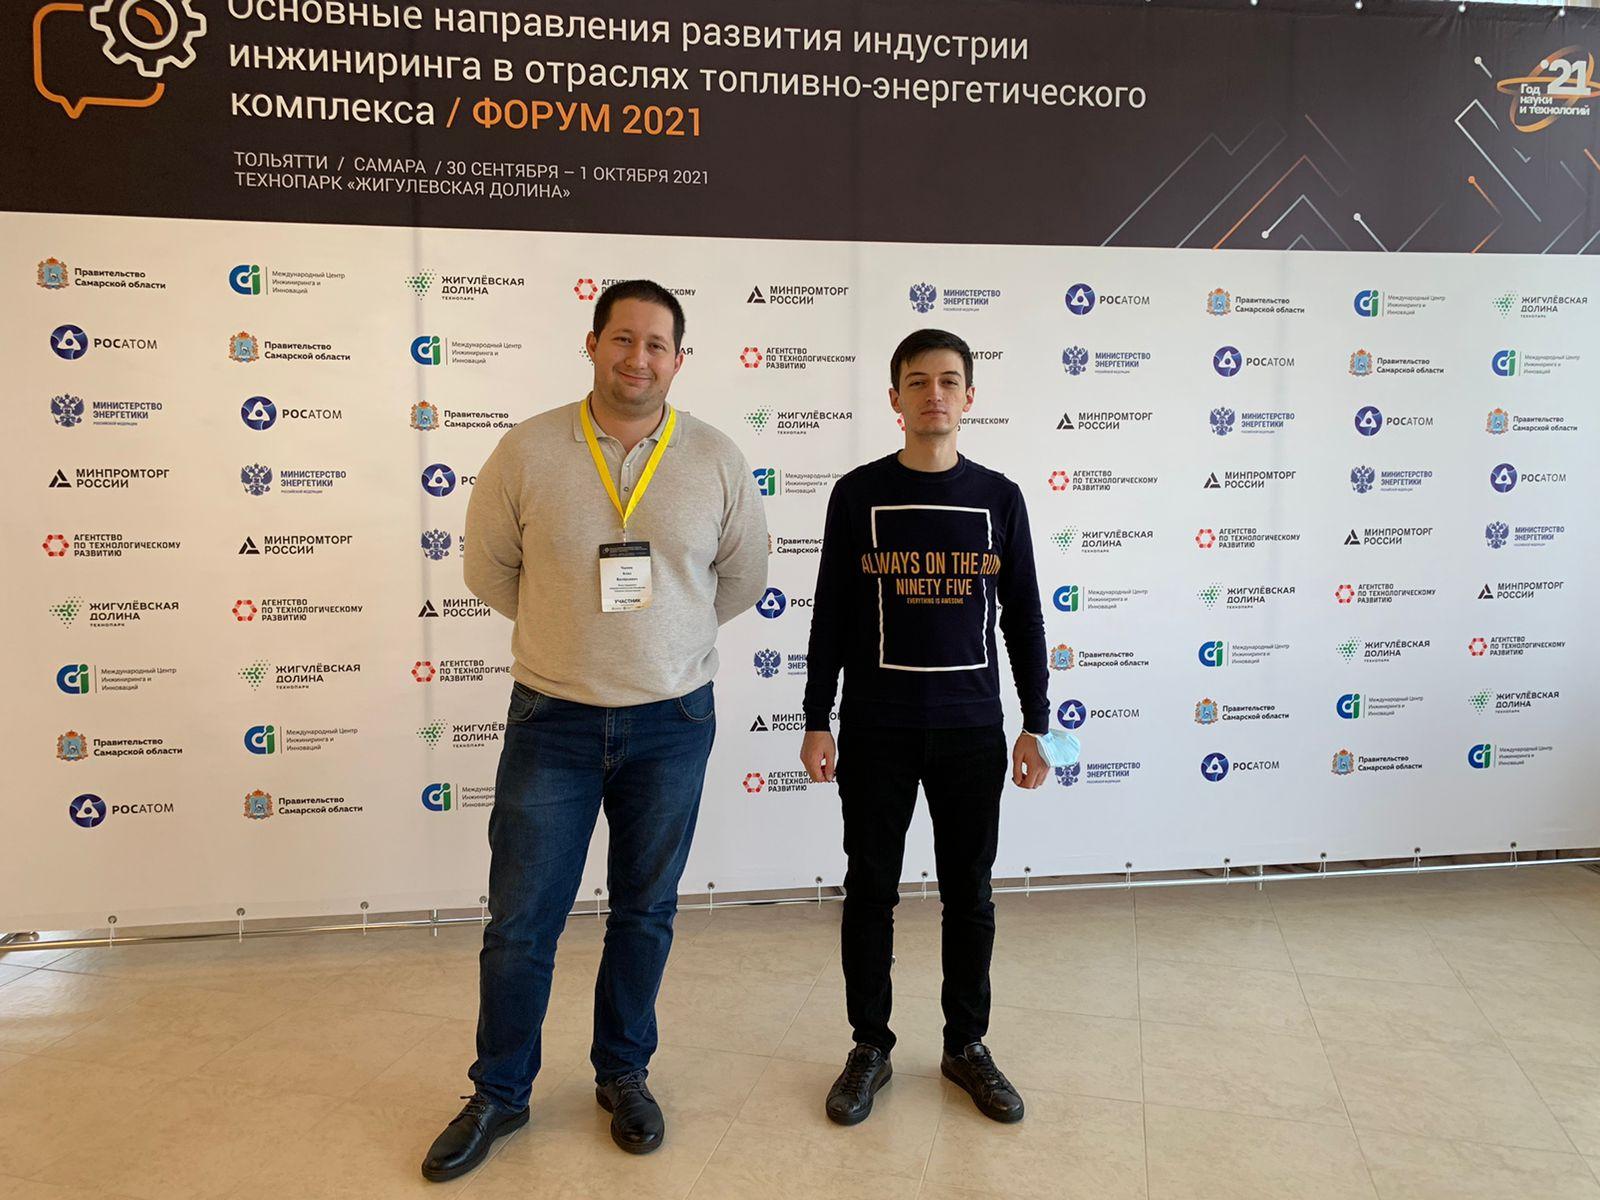 Сотрудники Регионального инжинирингового центра представили Северную Осетию на форуме в Тольятти